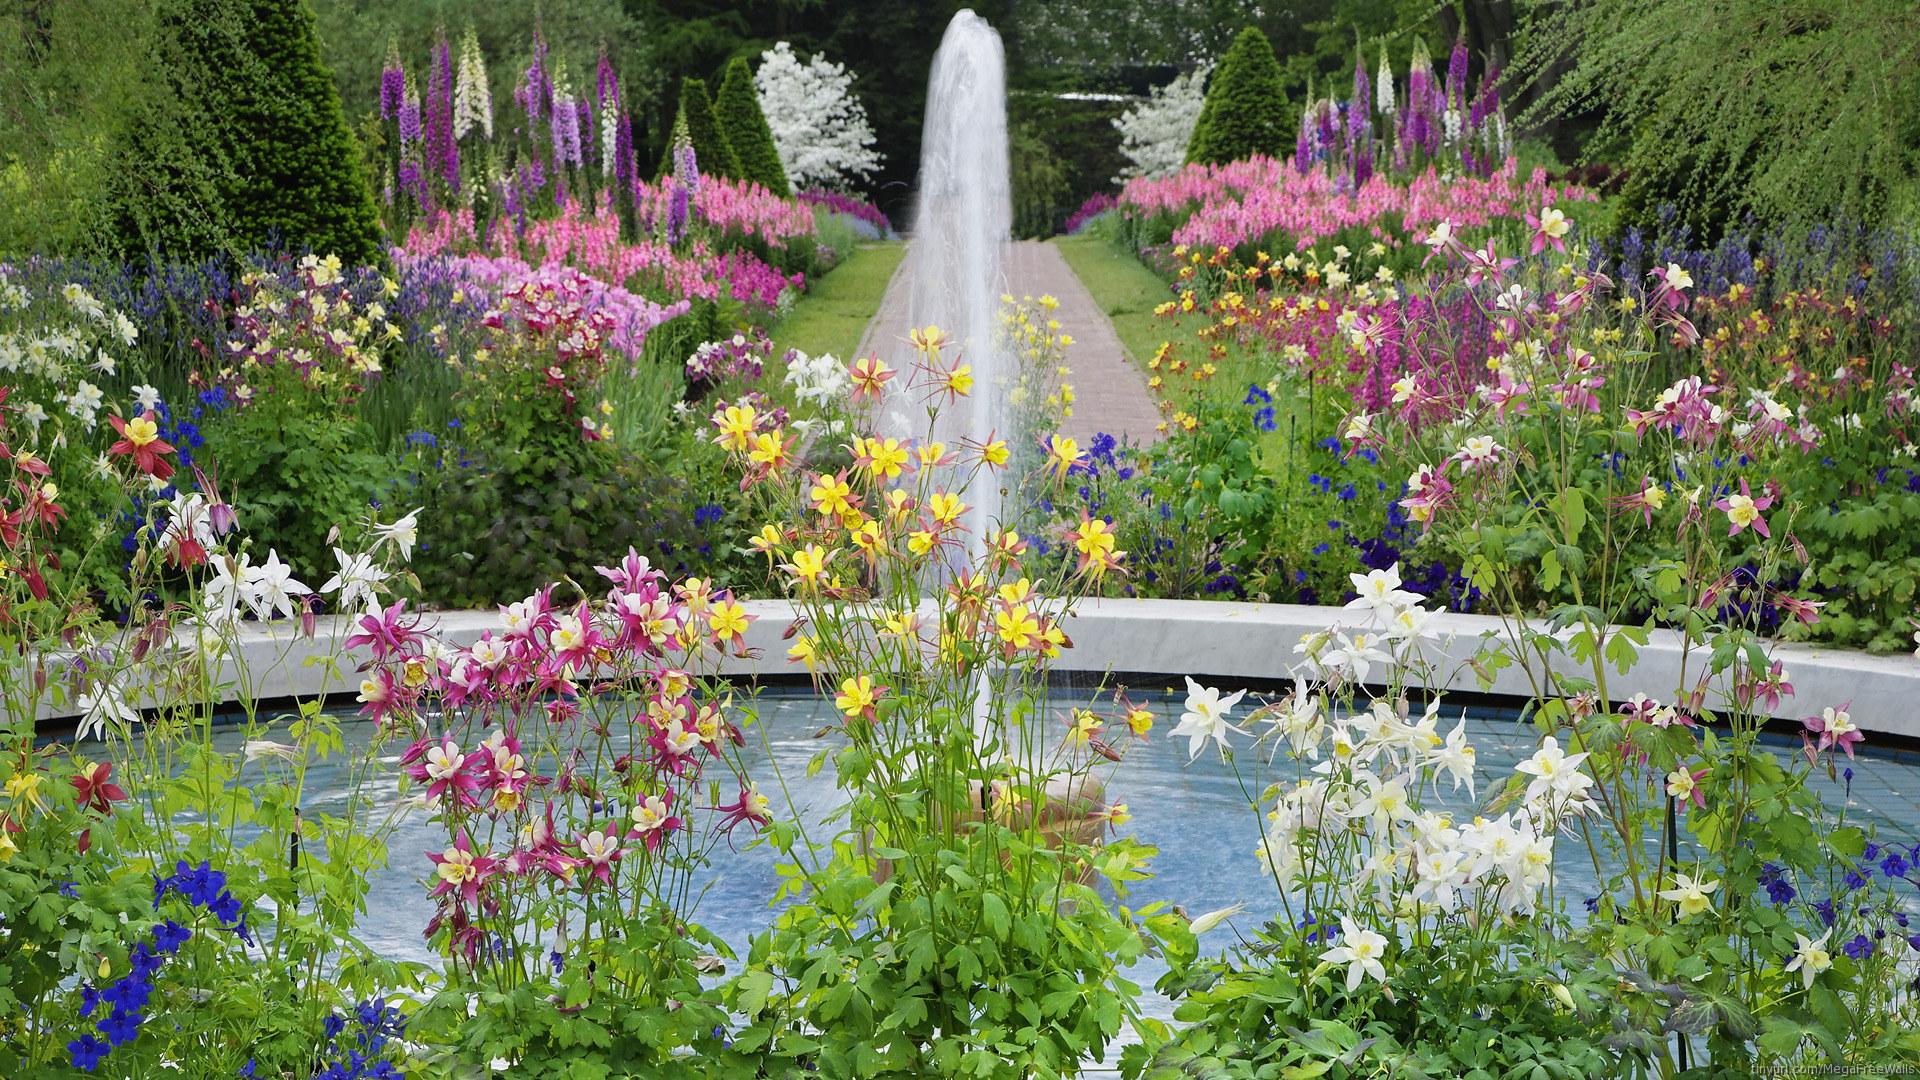 Man Made - Garden  Flower Fountain Wallpaper